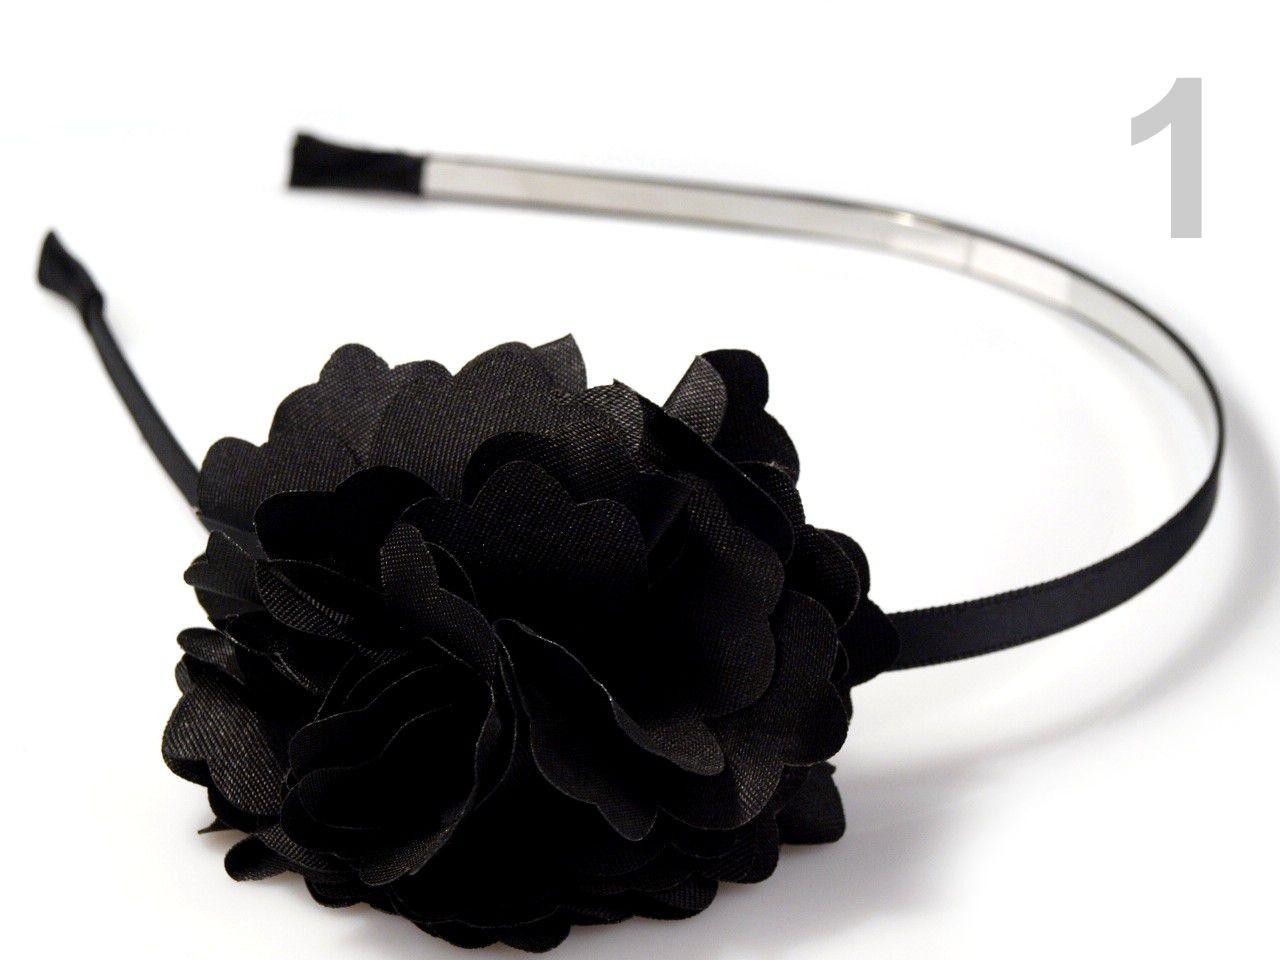 Čelenka kovová s květem Ø 50mm 1ks - 57 Kč / ks 1 černá